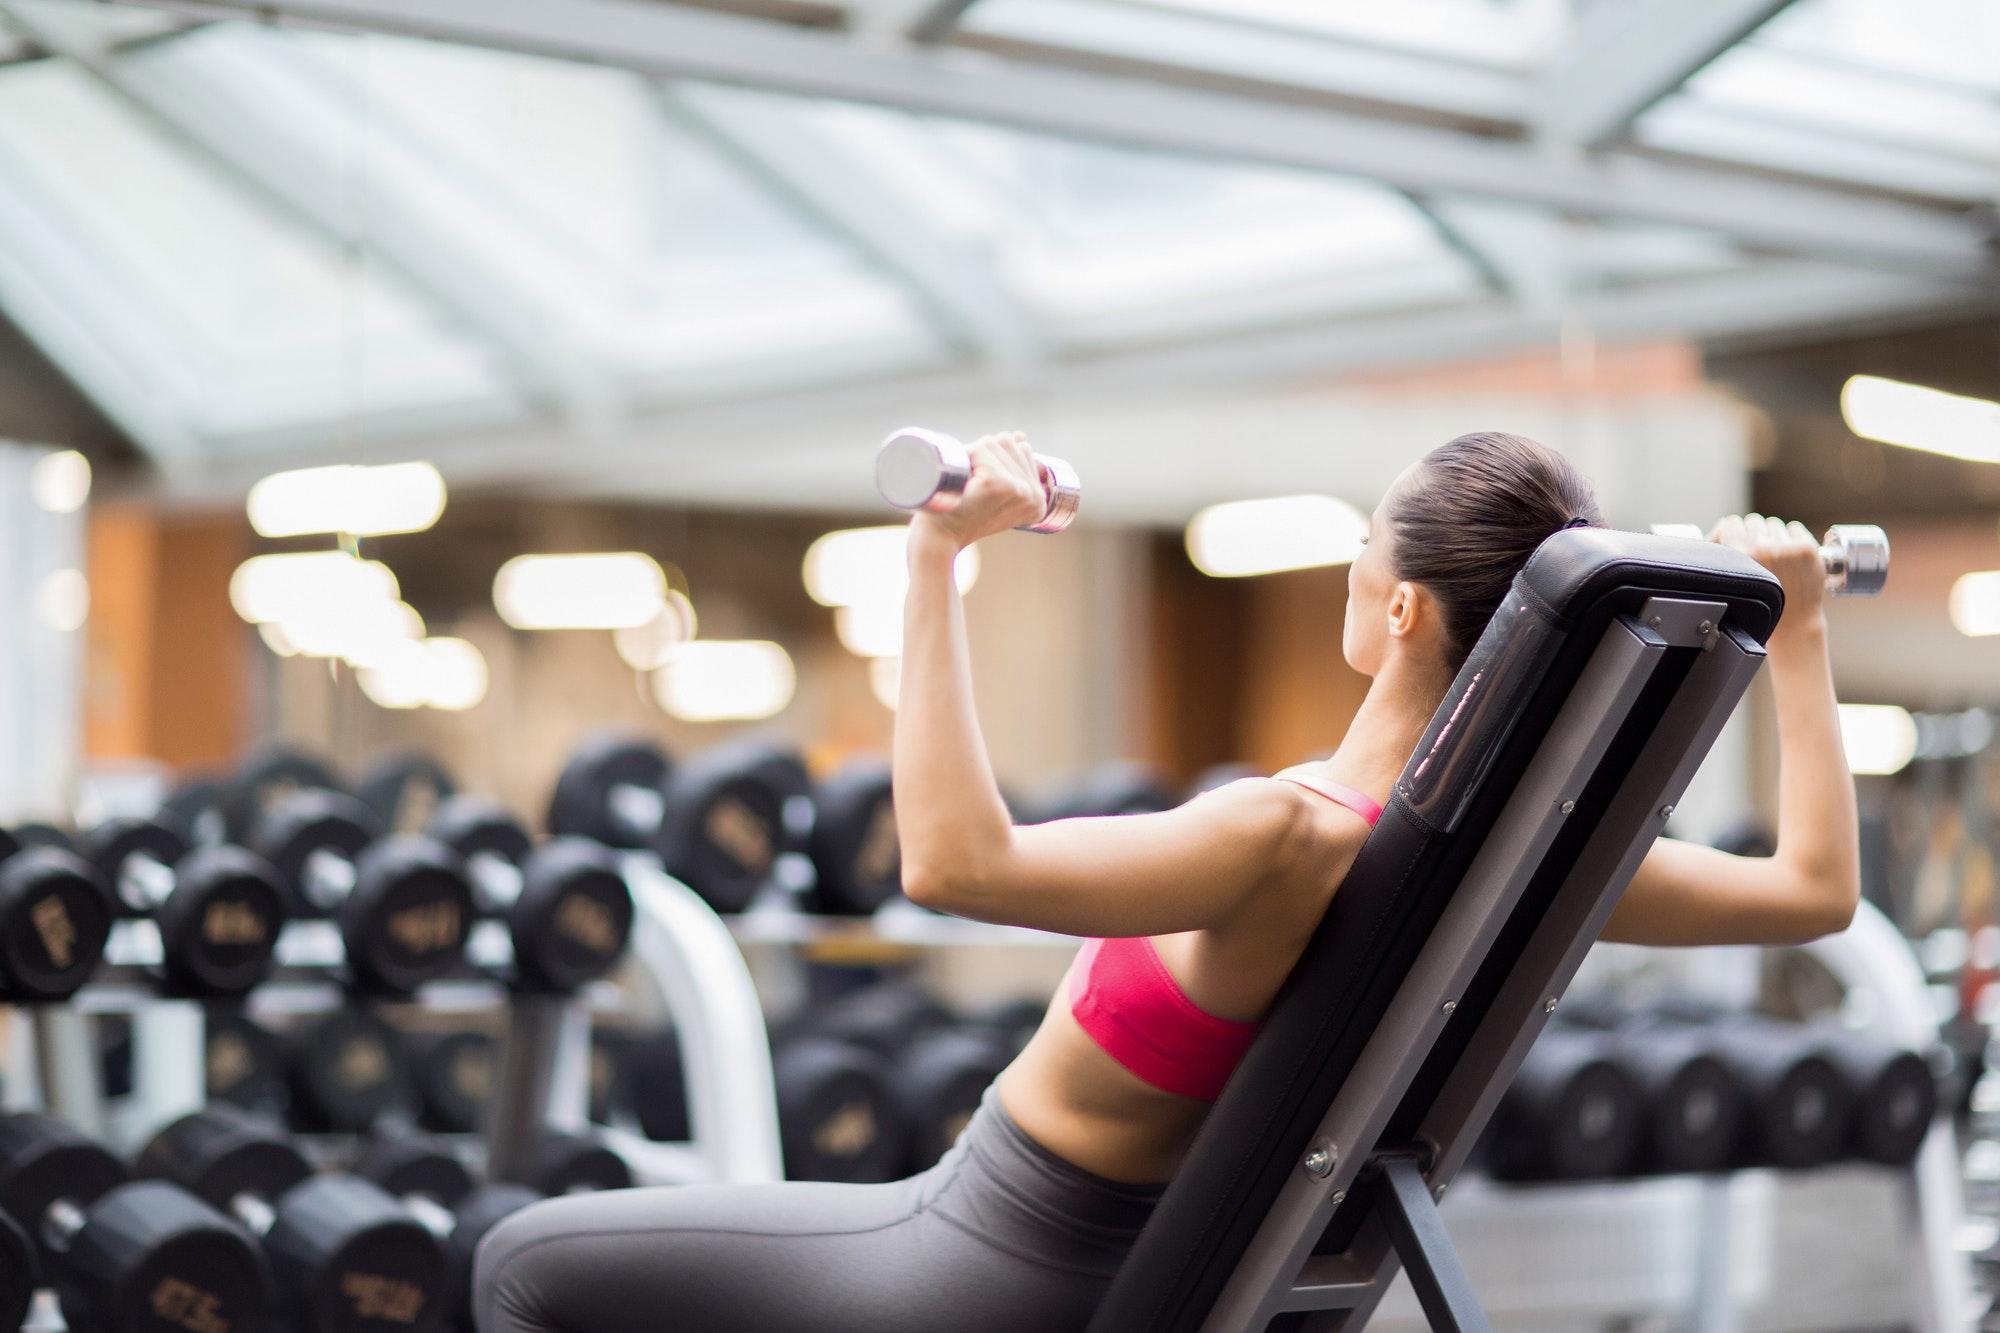 Hvordan bruger man bedst en træningsbænk?